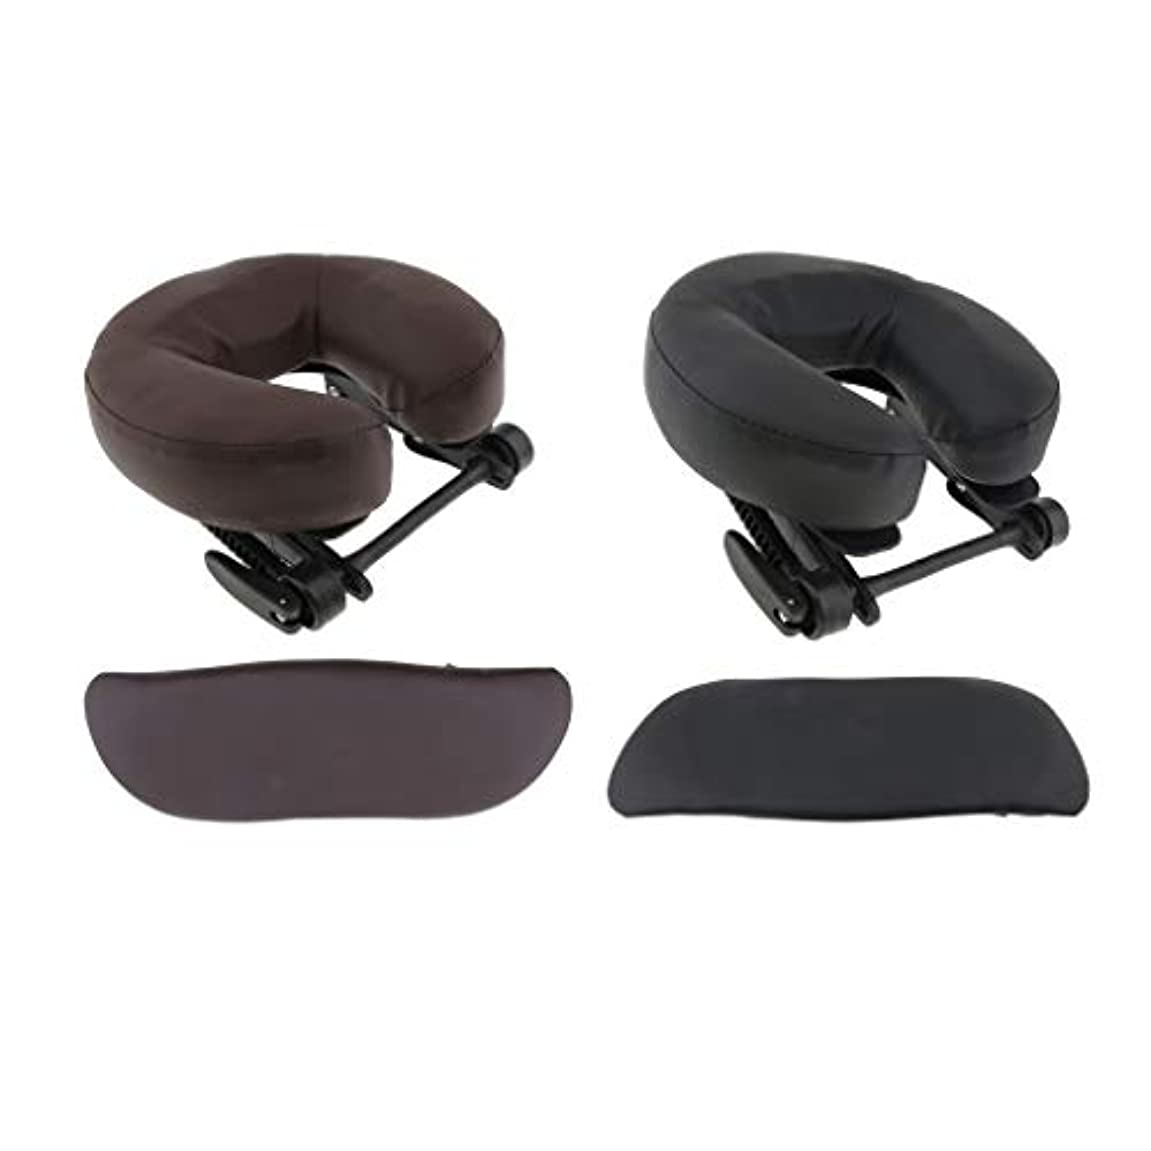 柱ただやるクランシーchiwanji 顔枕 マッサージ用 フェイスピロー U字型 アームサポート マッサージテーブル用 全2種選択 - ブラウン+ブラック